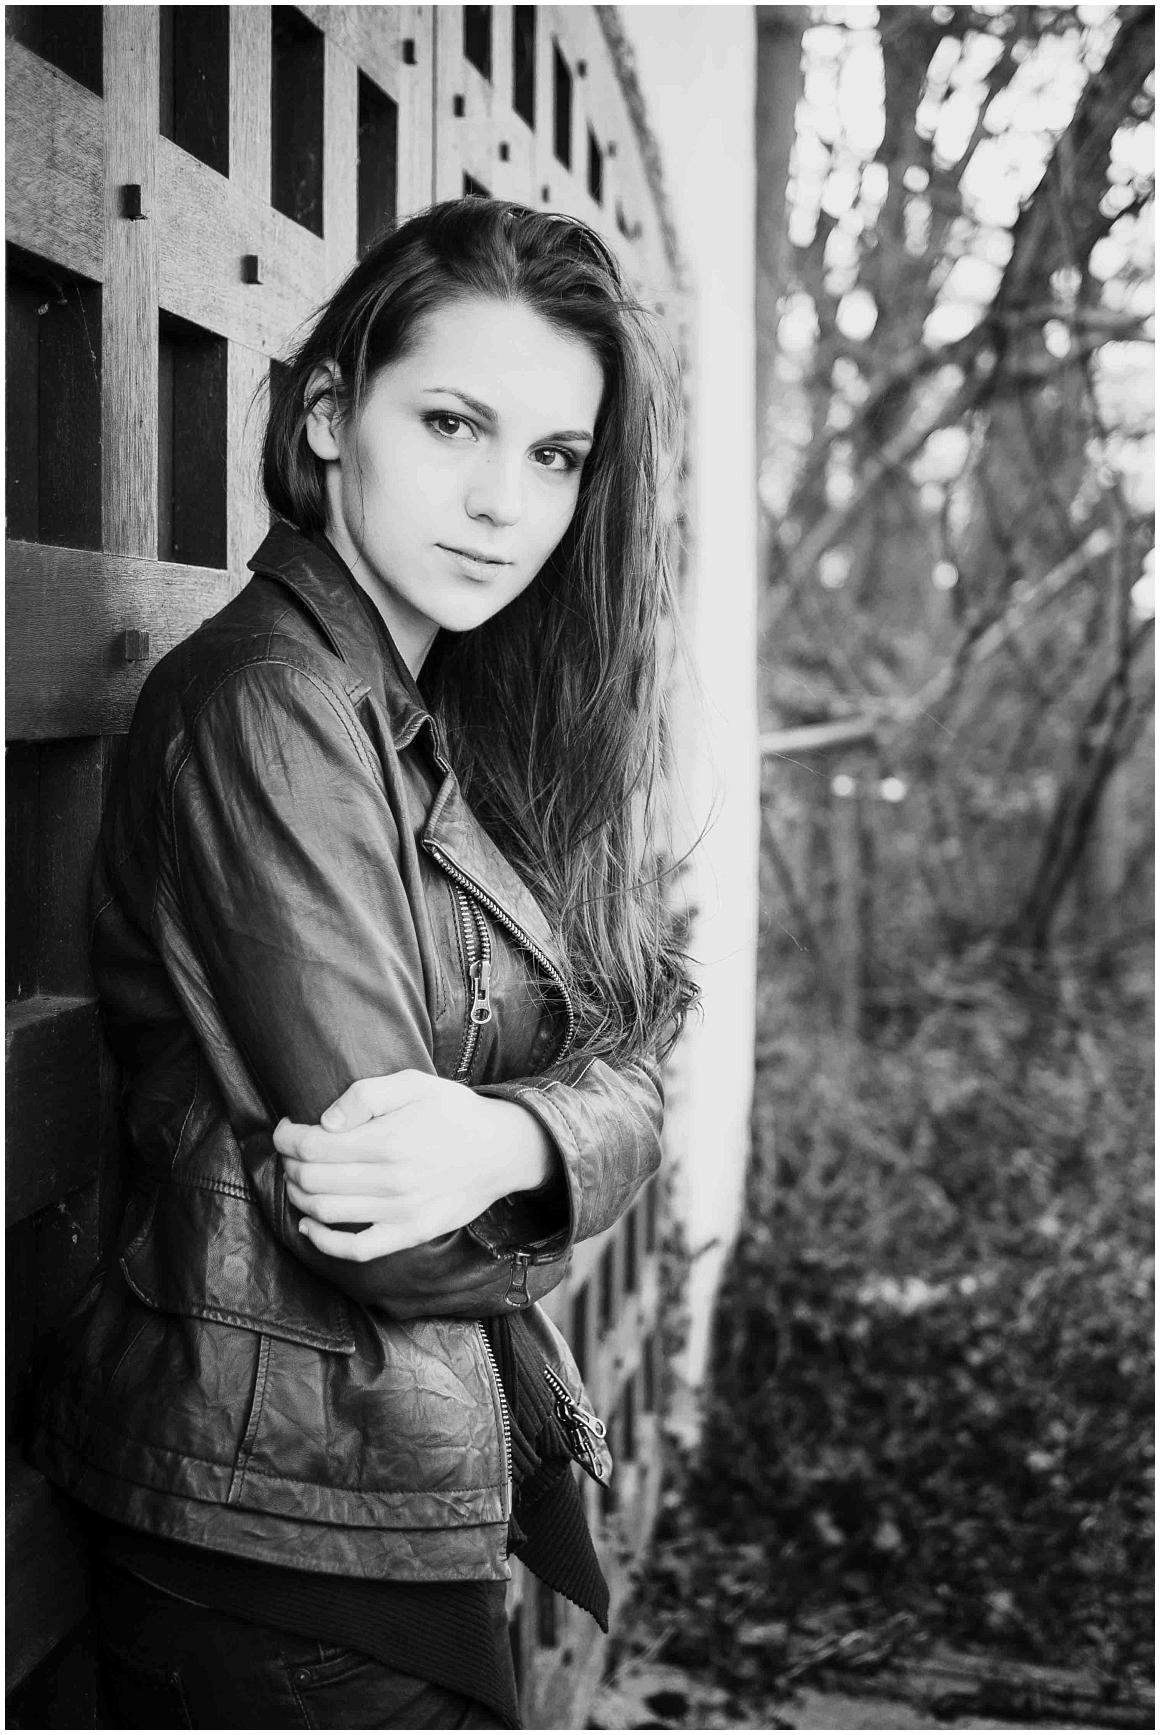 katrin-kind-portrait-fotografie-münchen-ammersee-photography-munich_0008.jpg